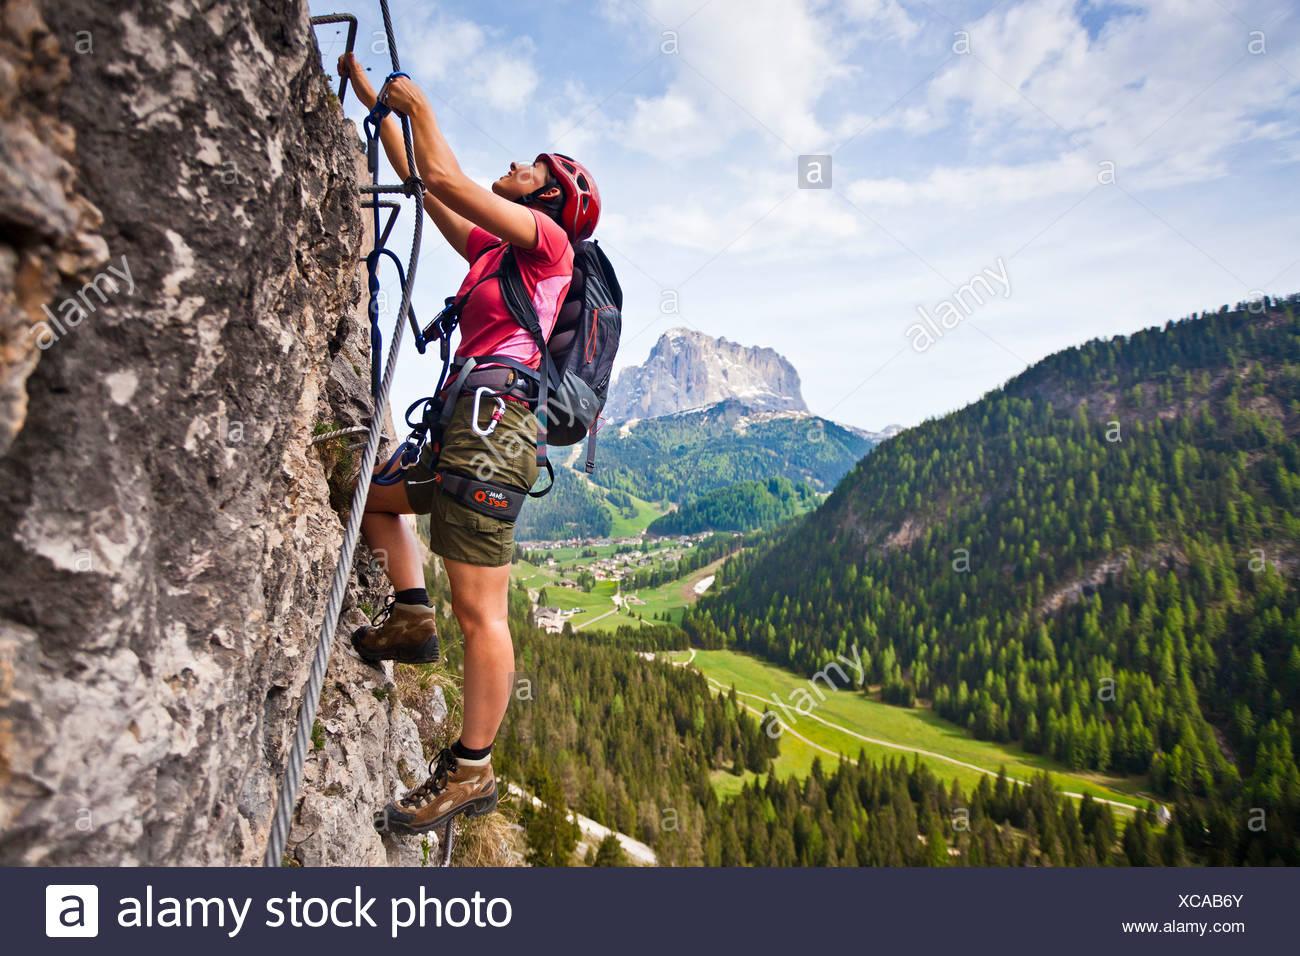 Klettersteig Wolkenstein : Kletterer aufsteigend ein klettersteig auf stevia berg langkofel